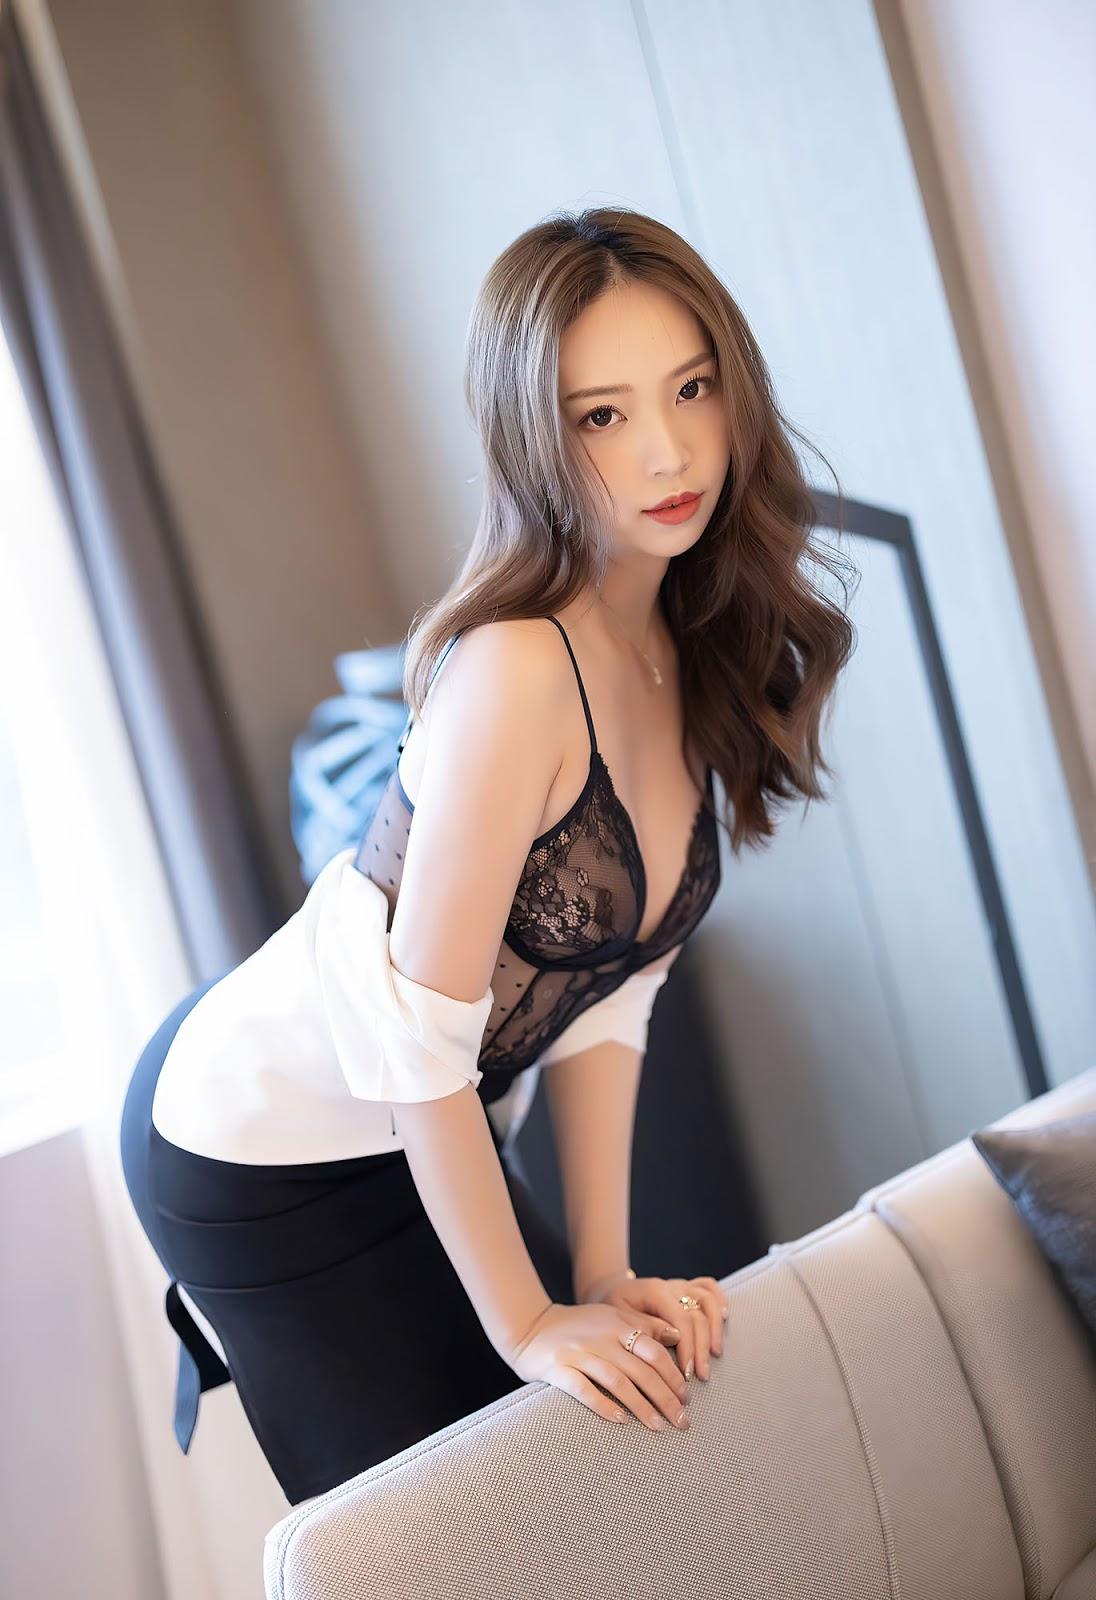 郑颖姗Bev 24